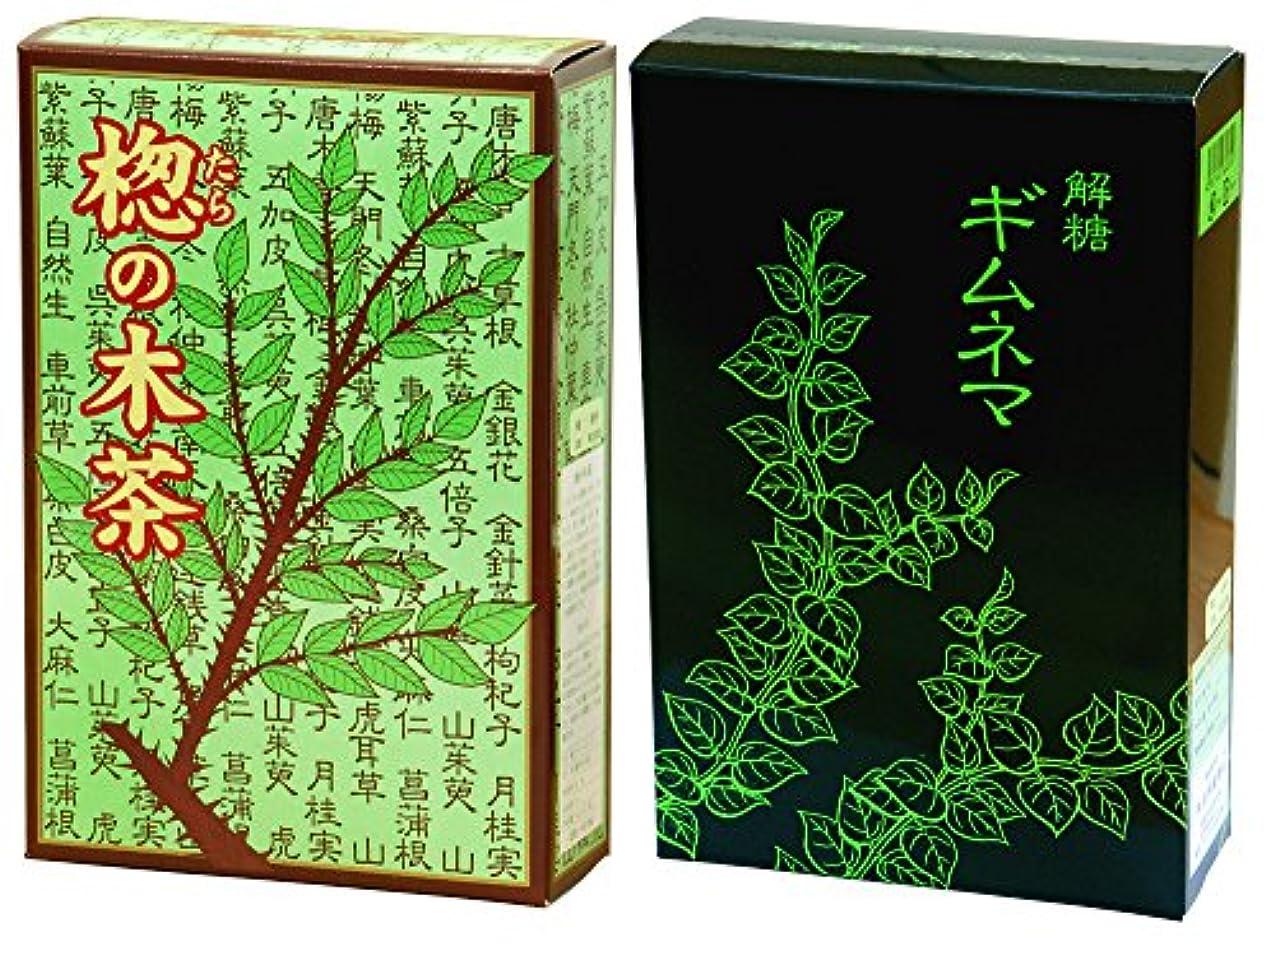 ジャニス世界記録のギネスブック柱自然健康社 国産タラノキ茶 30パック + 解糖ギムネマ 32パック